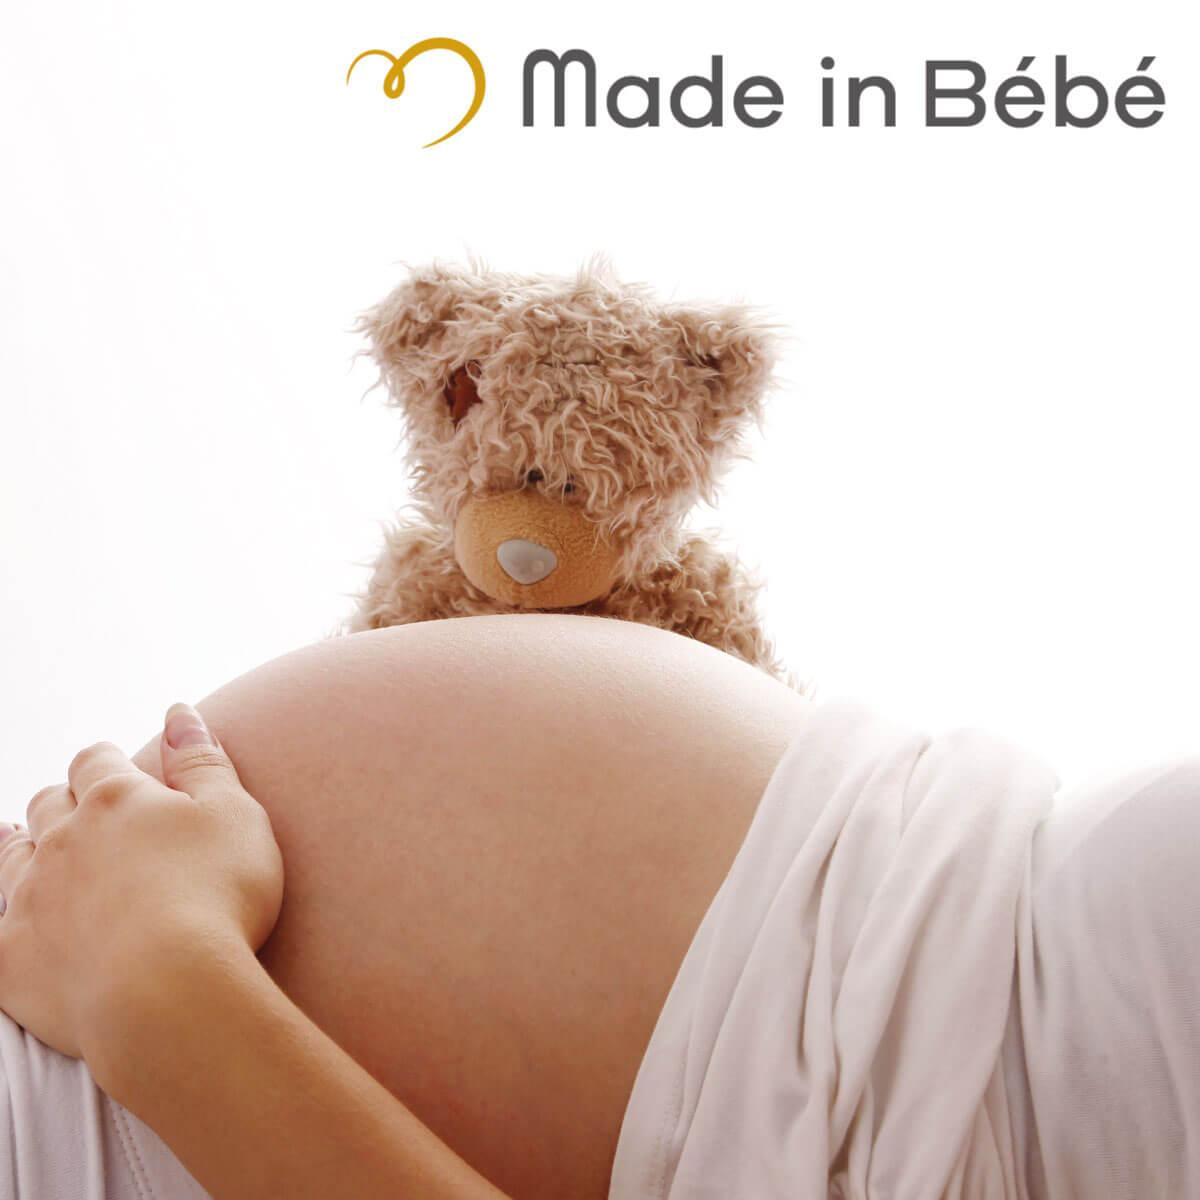 Made In Bébé, Puériculture Et Boutique Bébé En Ligne dedans Jeux Pour Bébé En Ligne 2 Ans